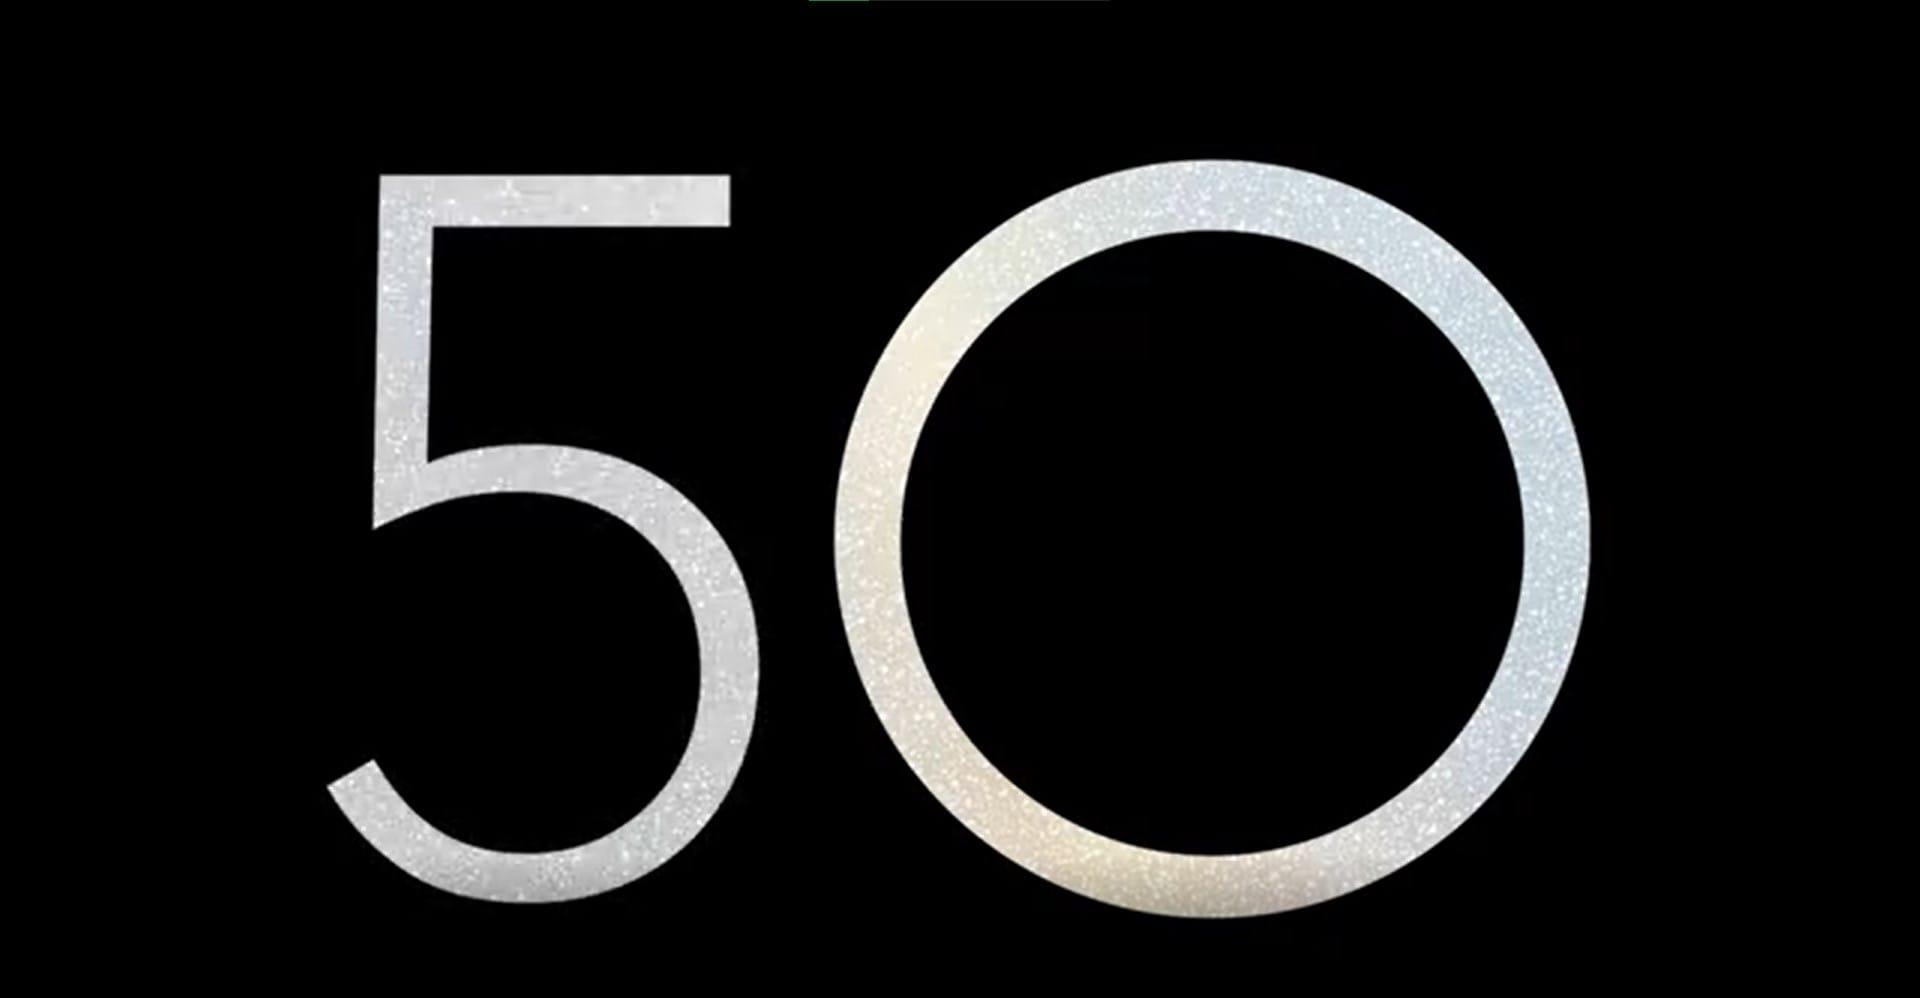 La famiglia Honor 50 arriverà il 16 giugno: la nuova vita di Honor (foto)